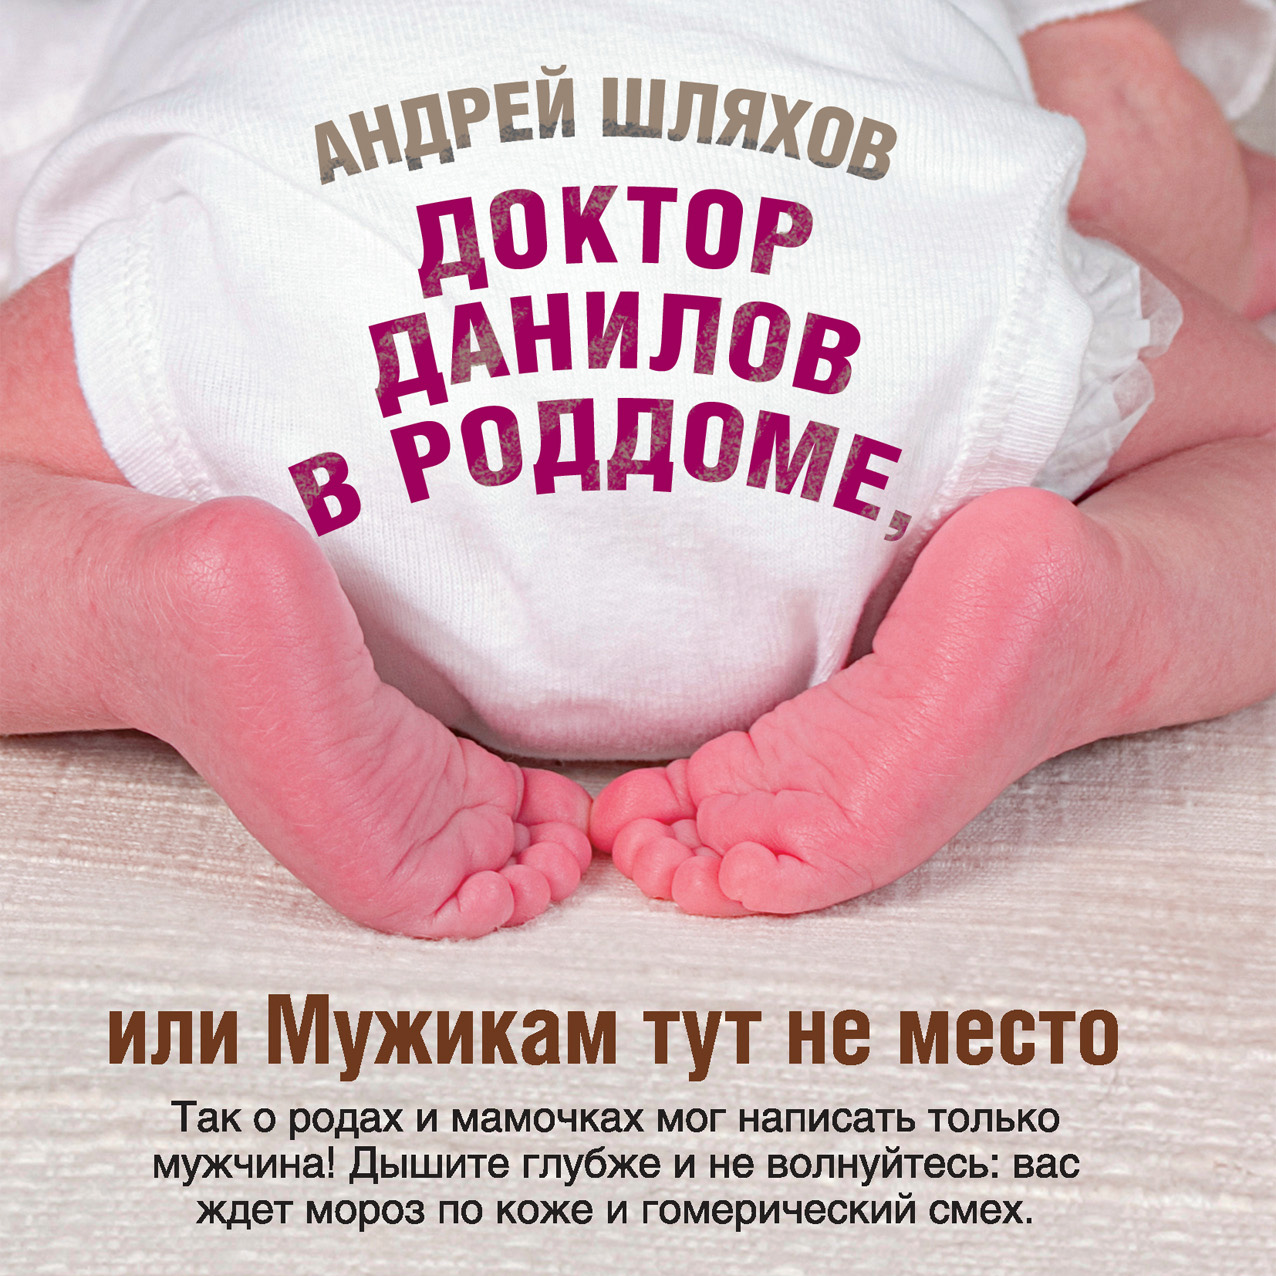 купить Андрей Шляхов Доктор Данилов в роддоме, или Мужикам тут не место по цене 189 рублей